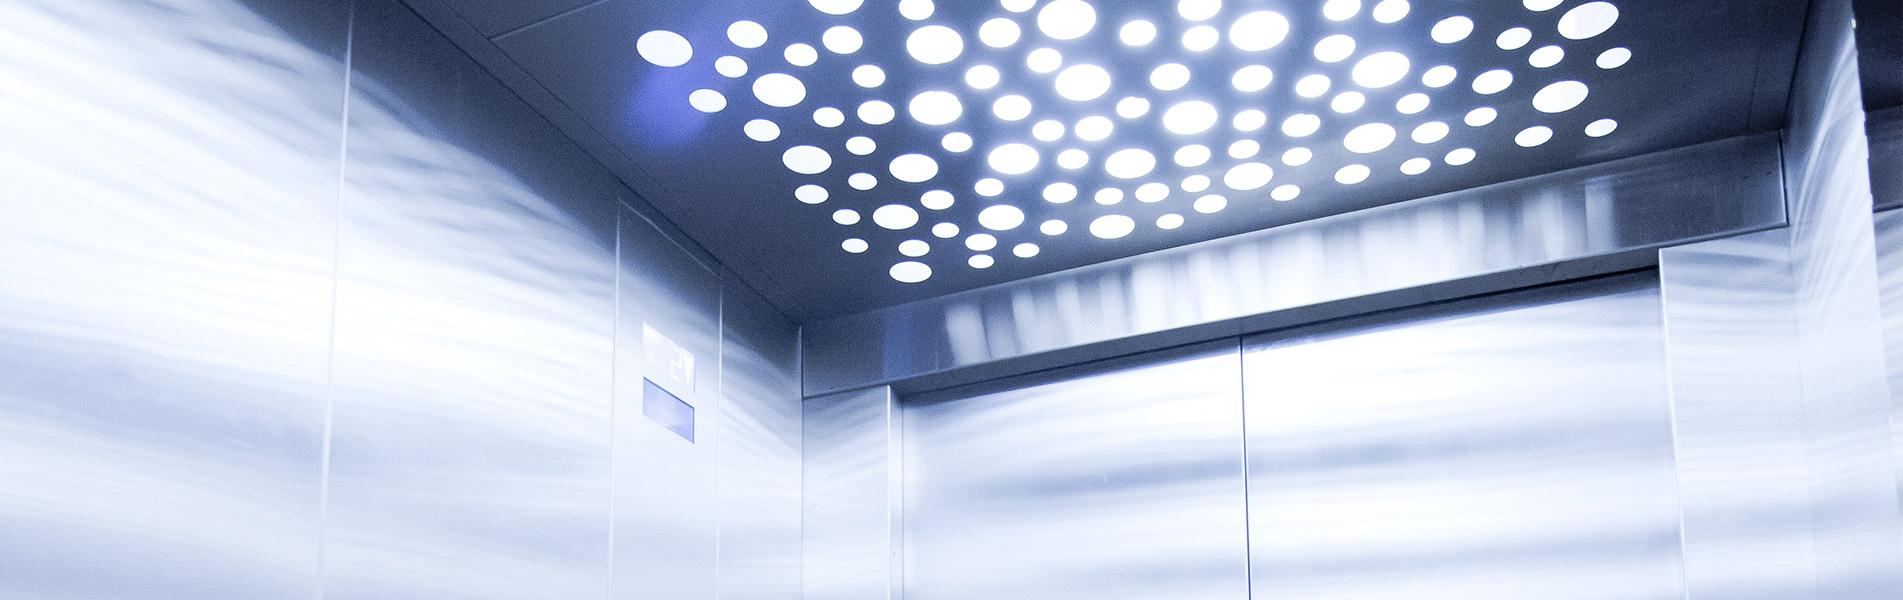 Elevator Lighting In Florida Fixtures